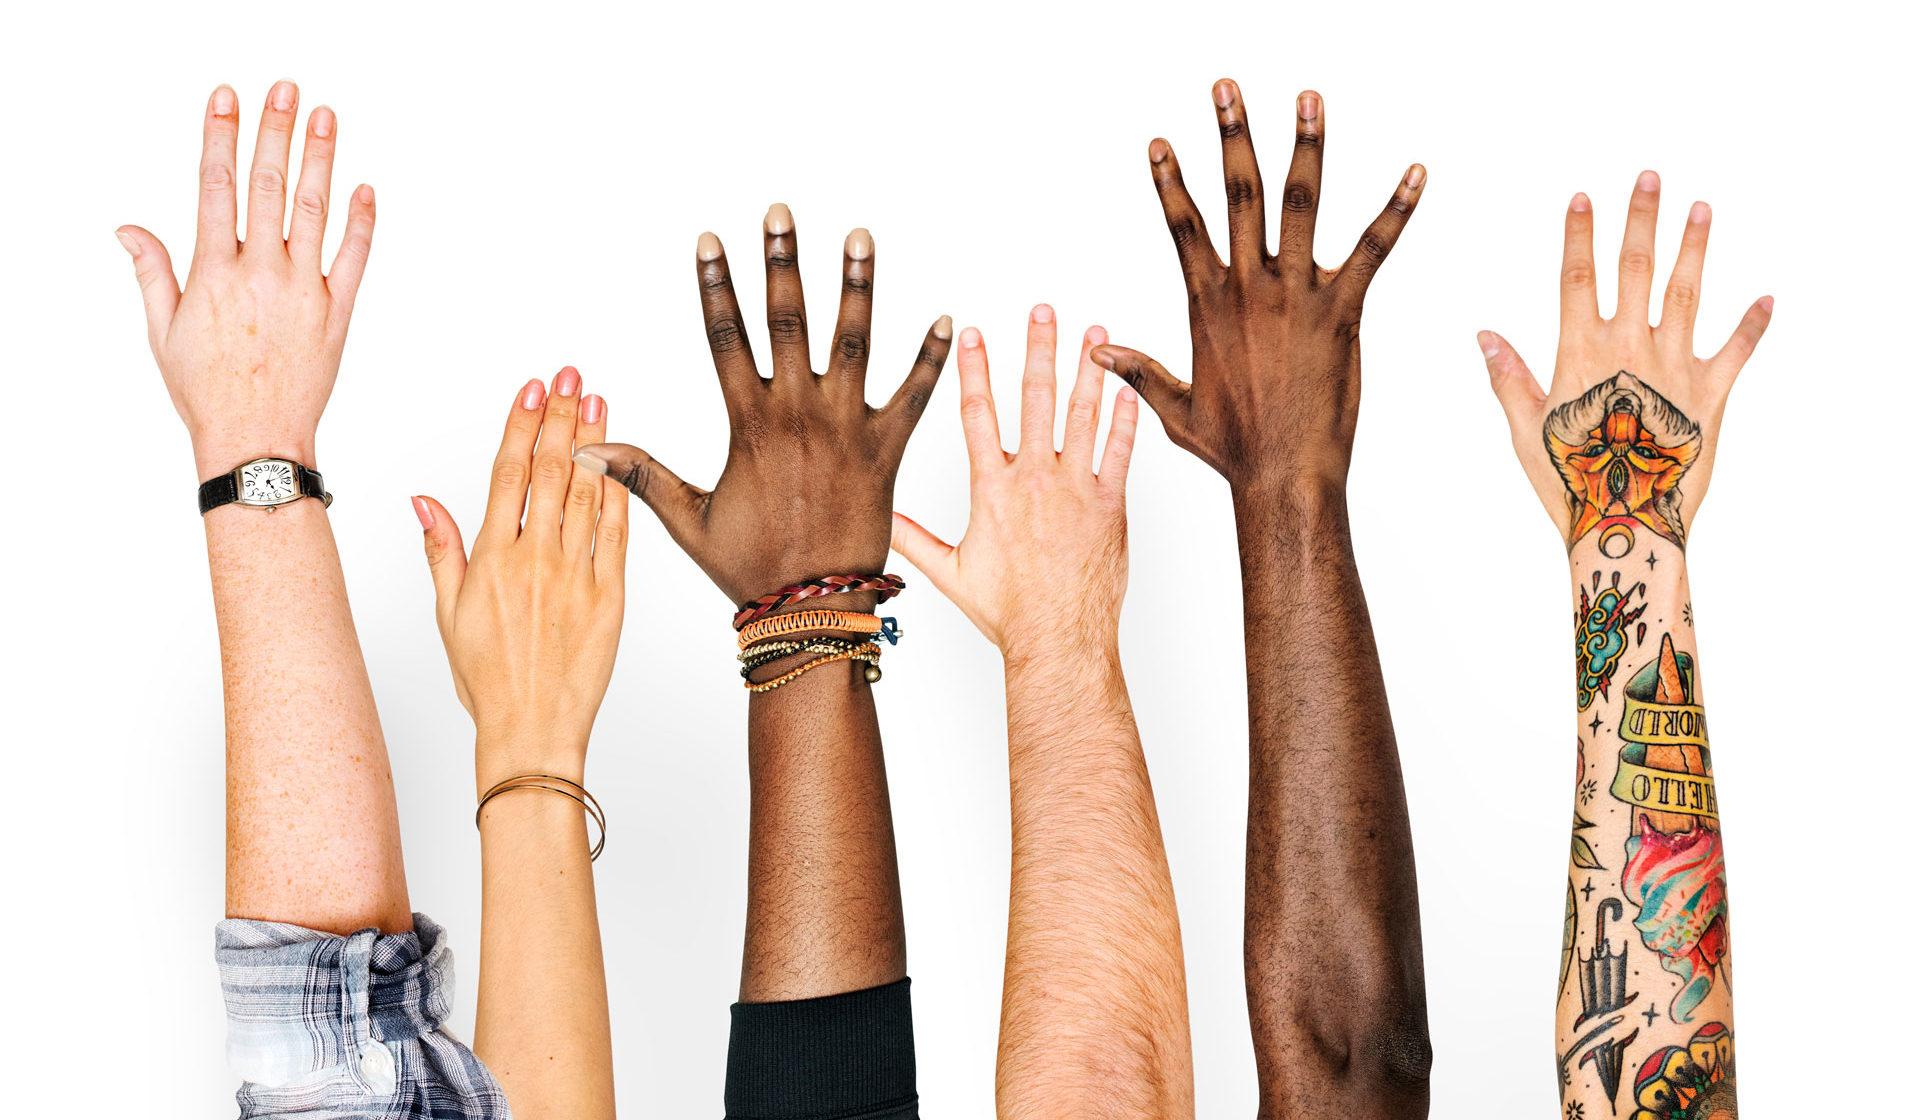 diversity-hands-raised-up-gesture-PRJCKBR